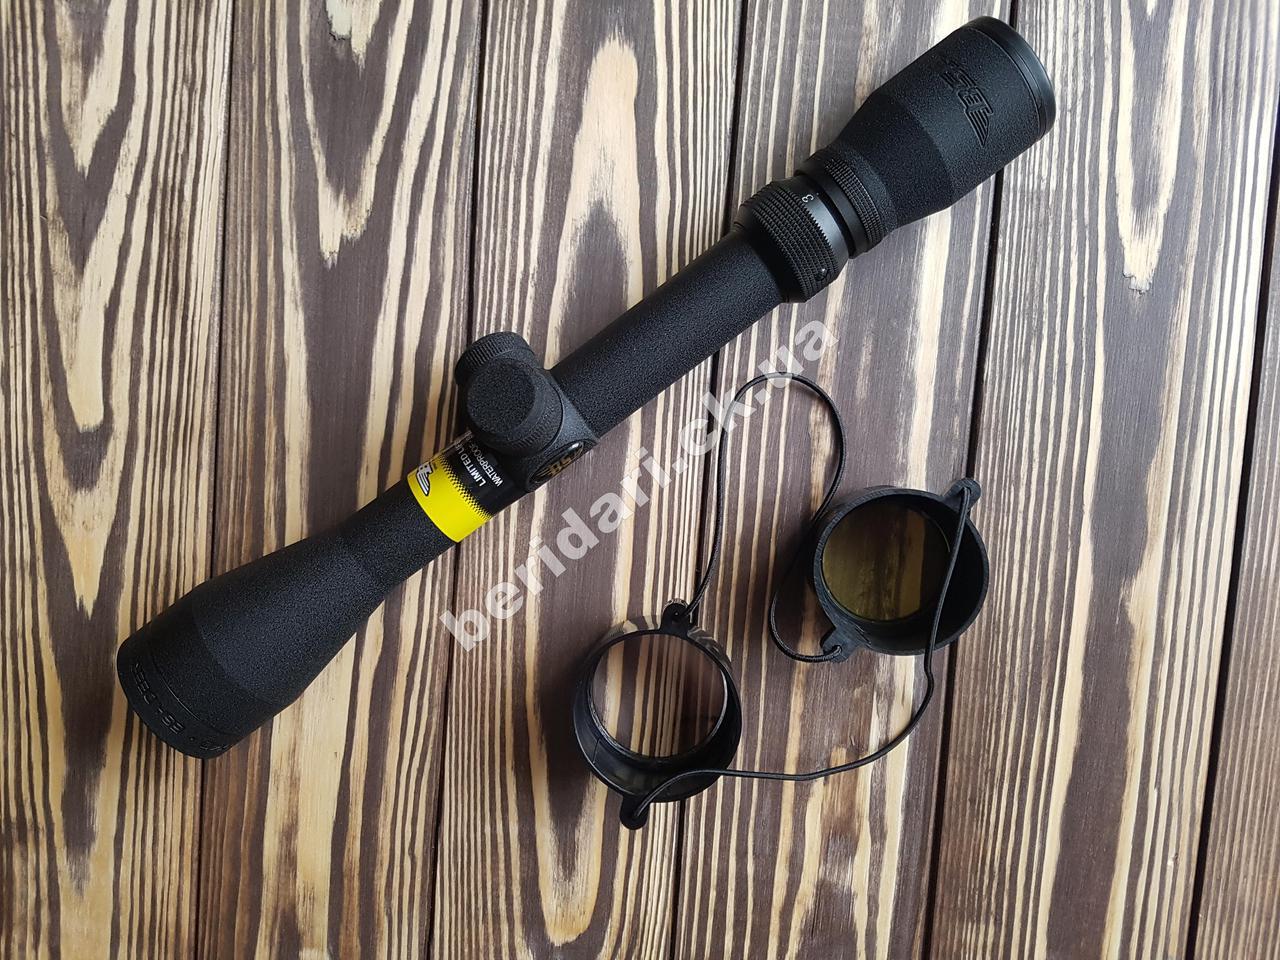 Оптический прицел BSA 3-9x40,просветленные линзы